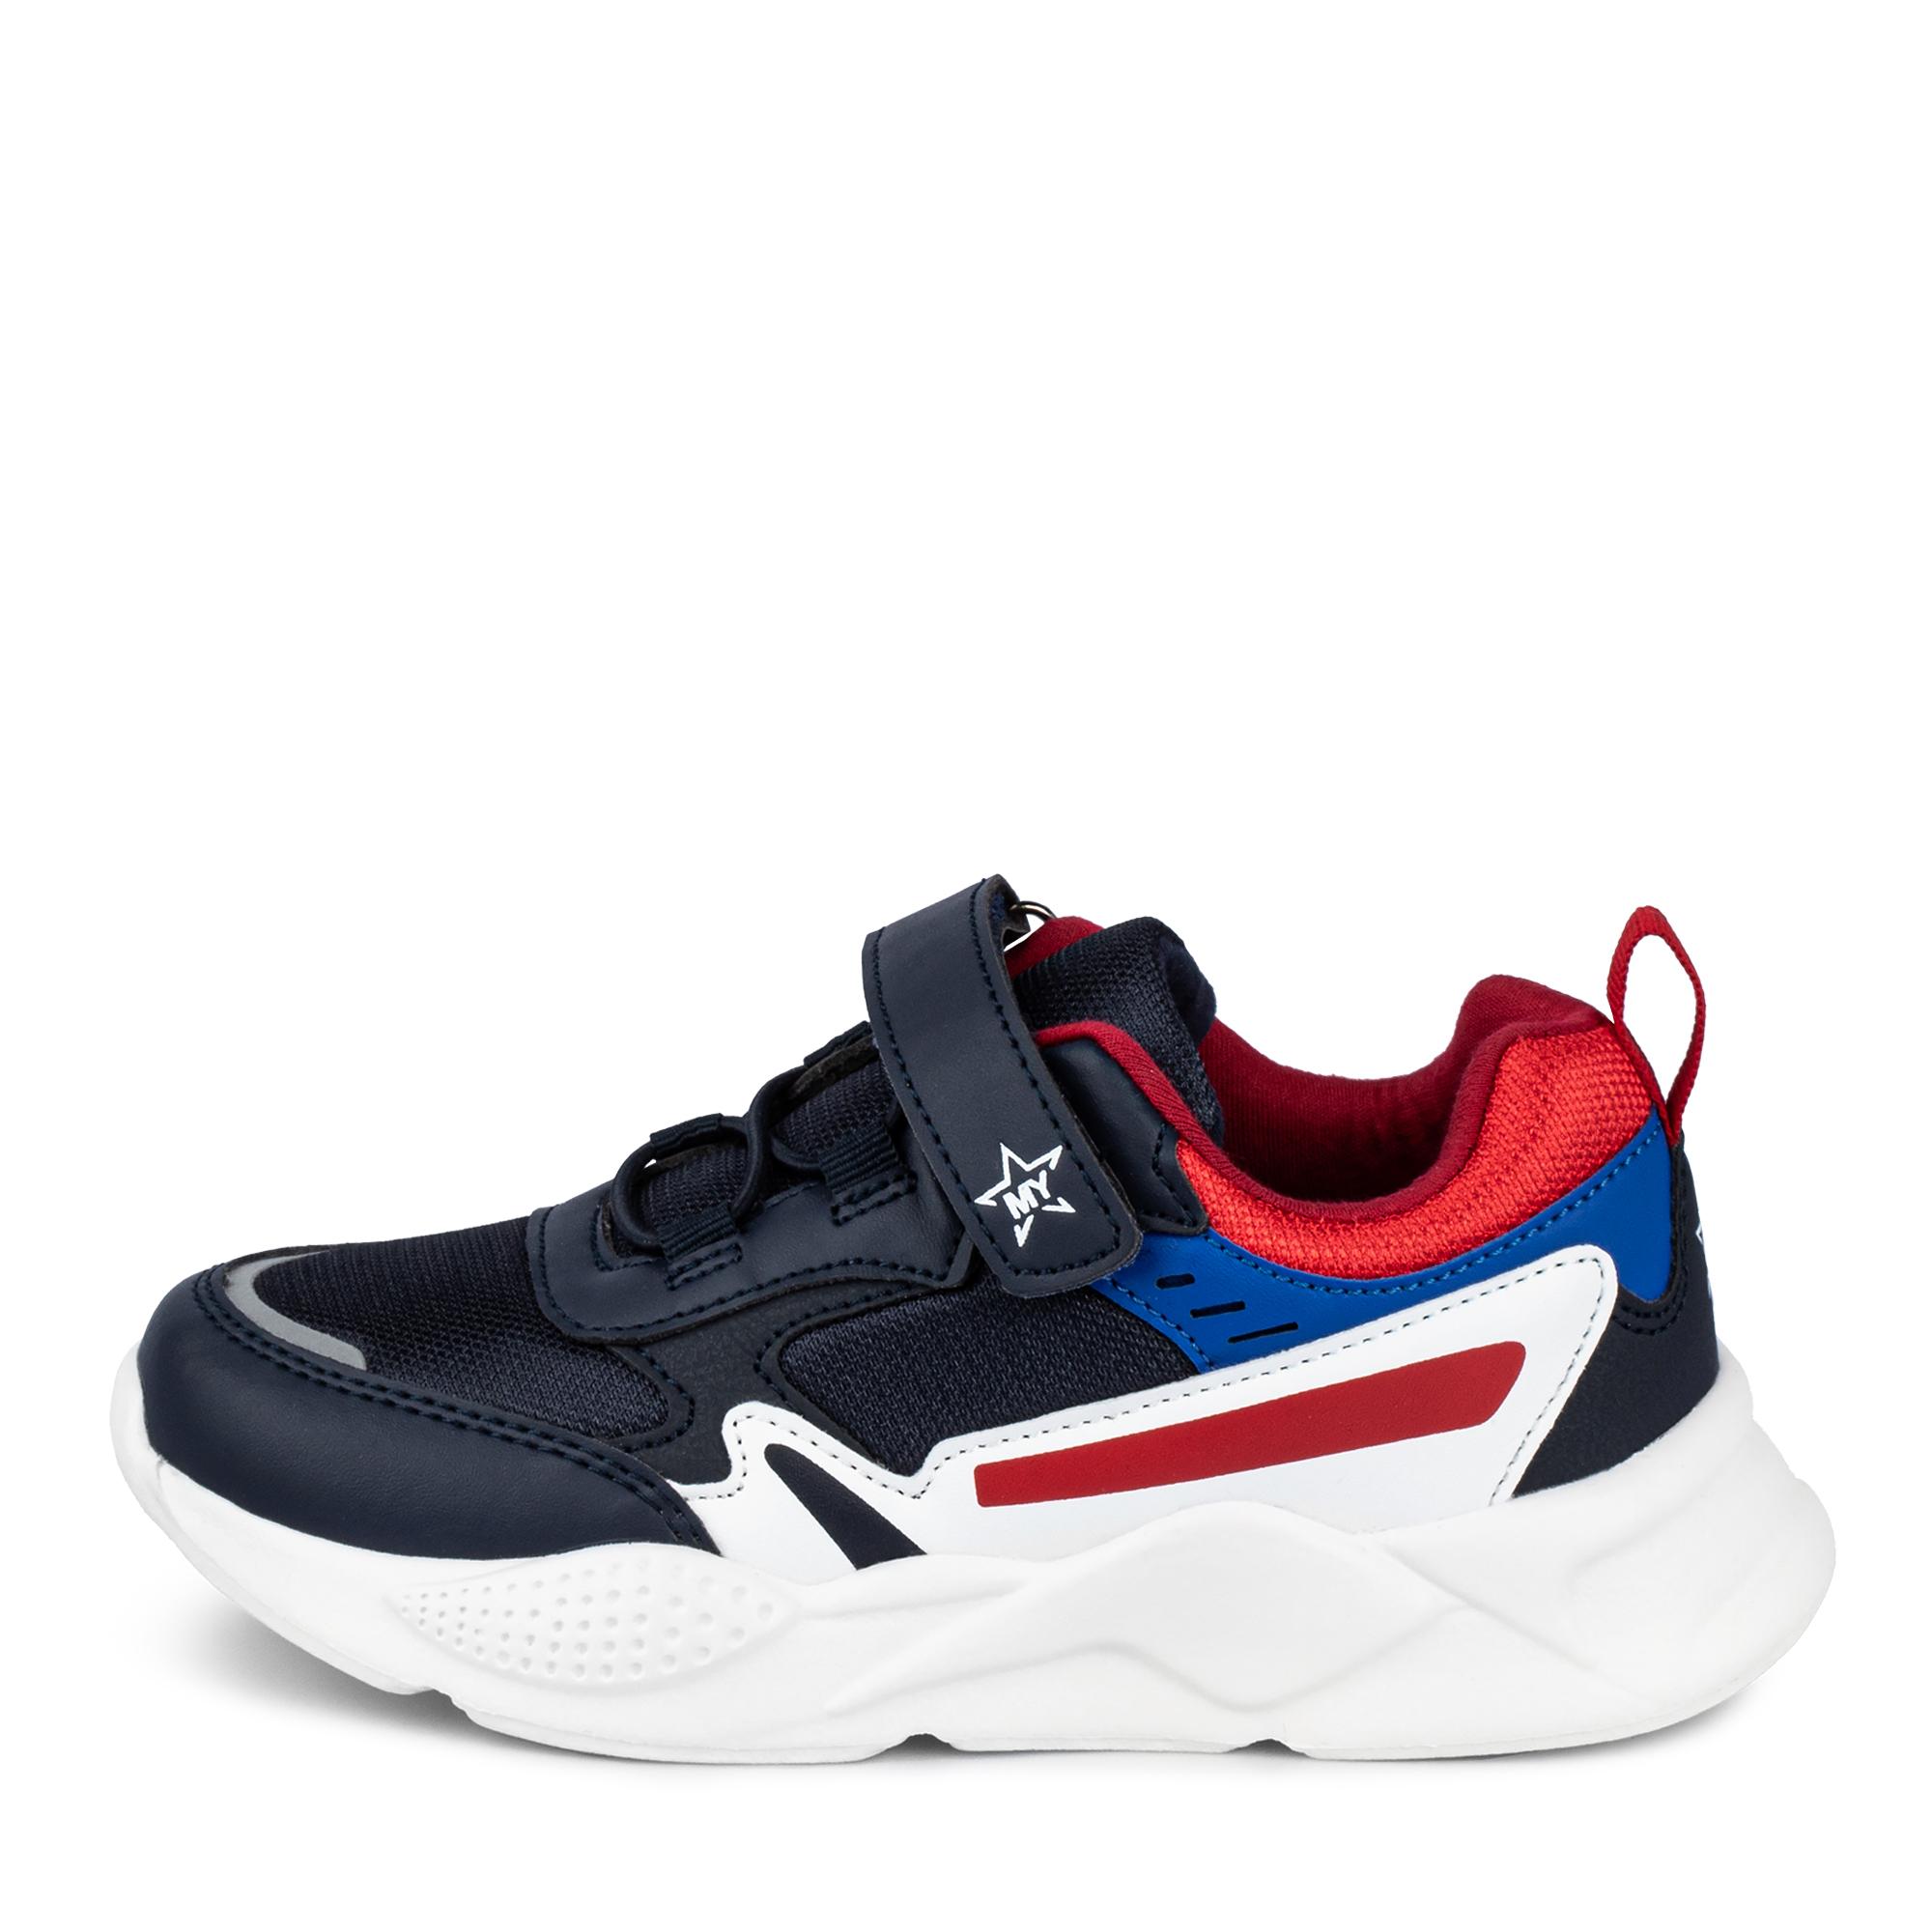 Обувь для мальчиков MUNZ YOUNG 189-286A-2603